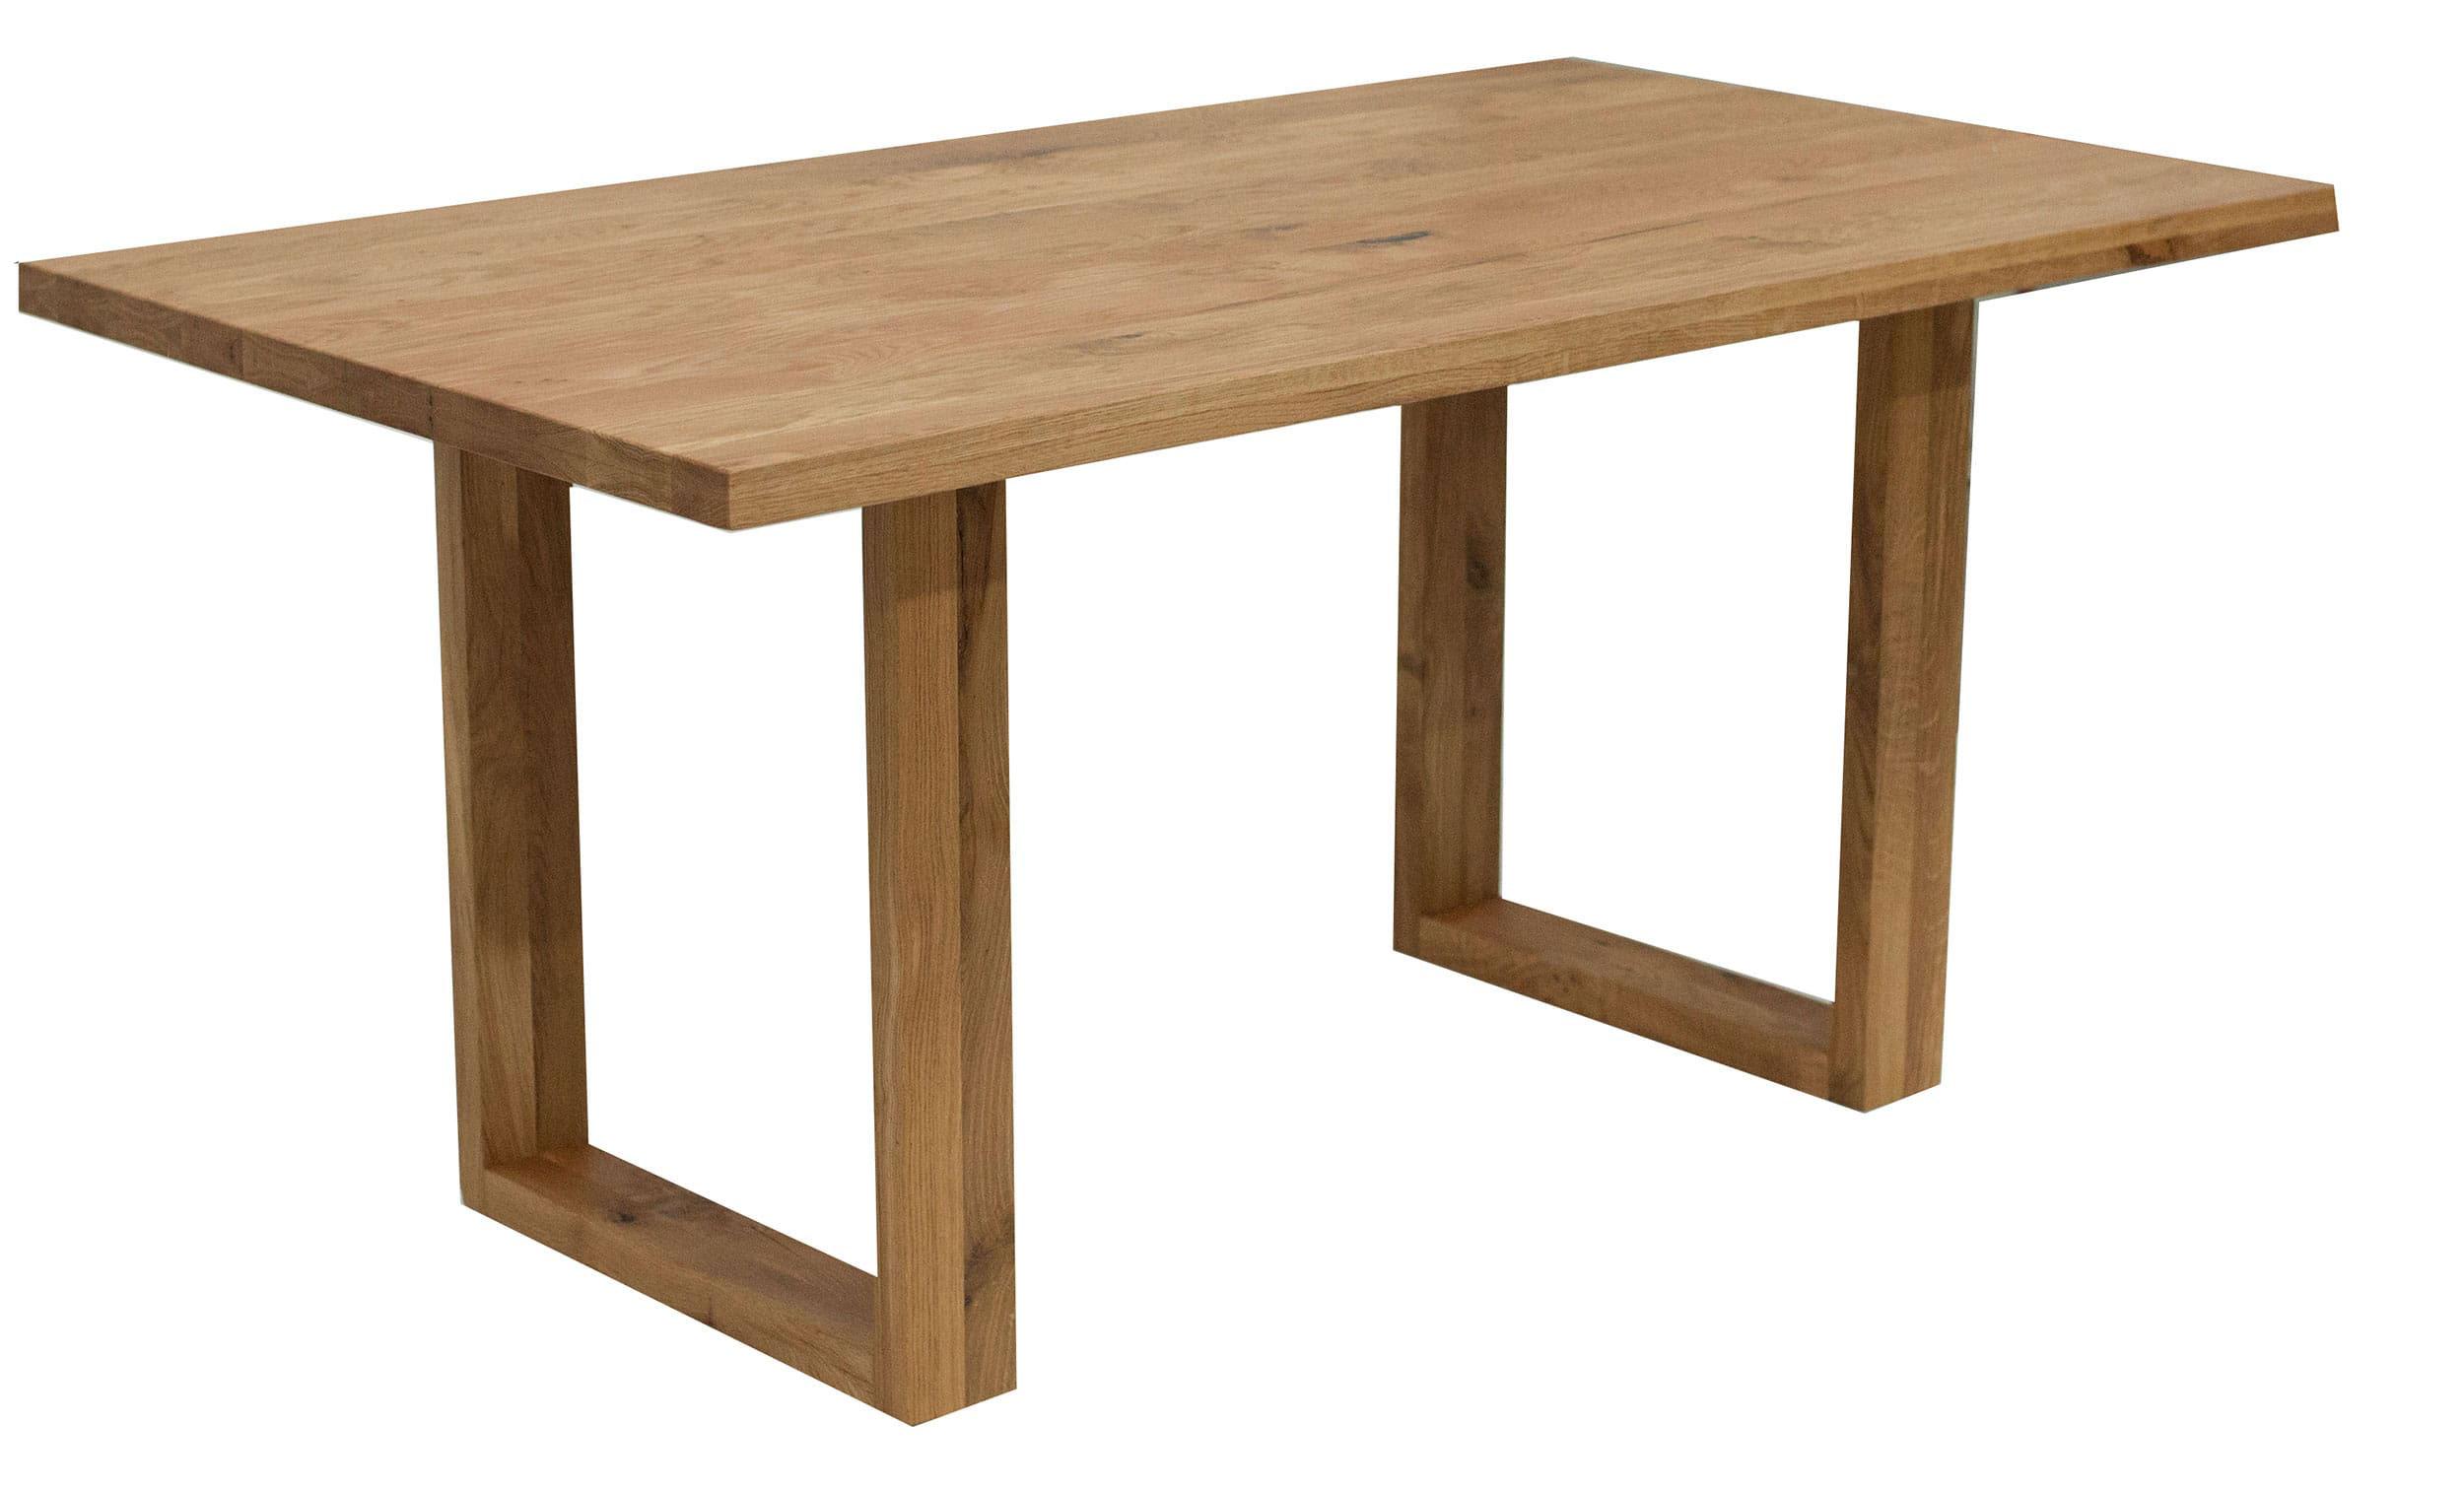 Standard Furniture Orlando Holztisch massiv eiche 180x90 cm